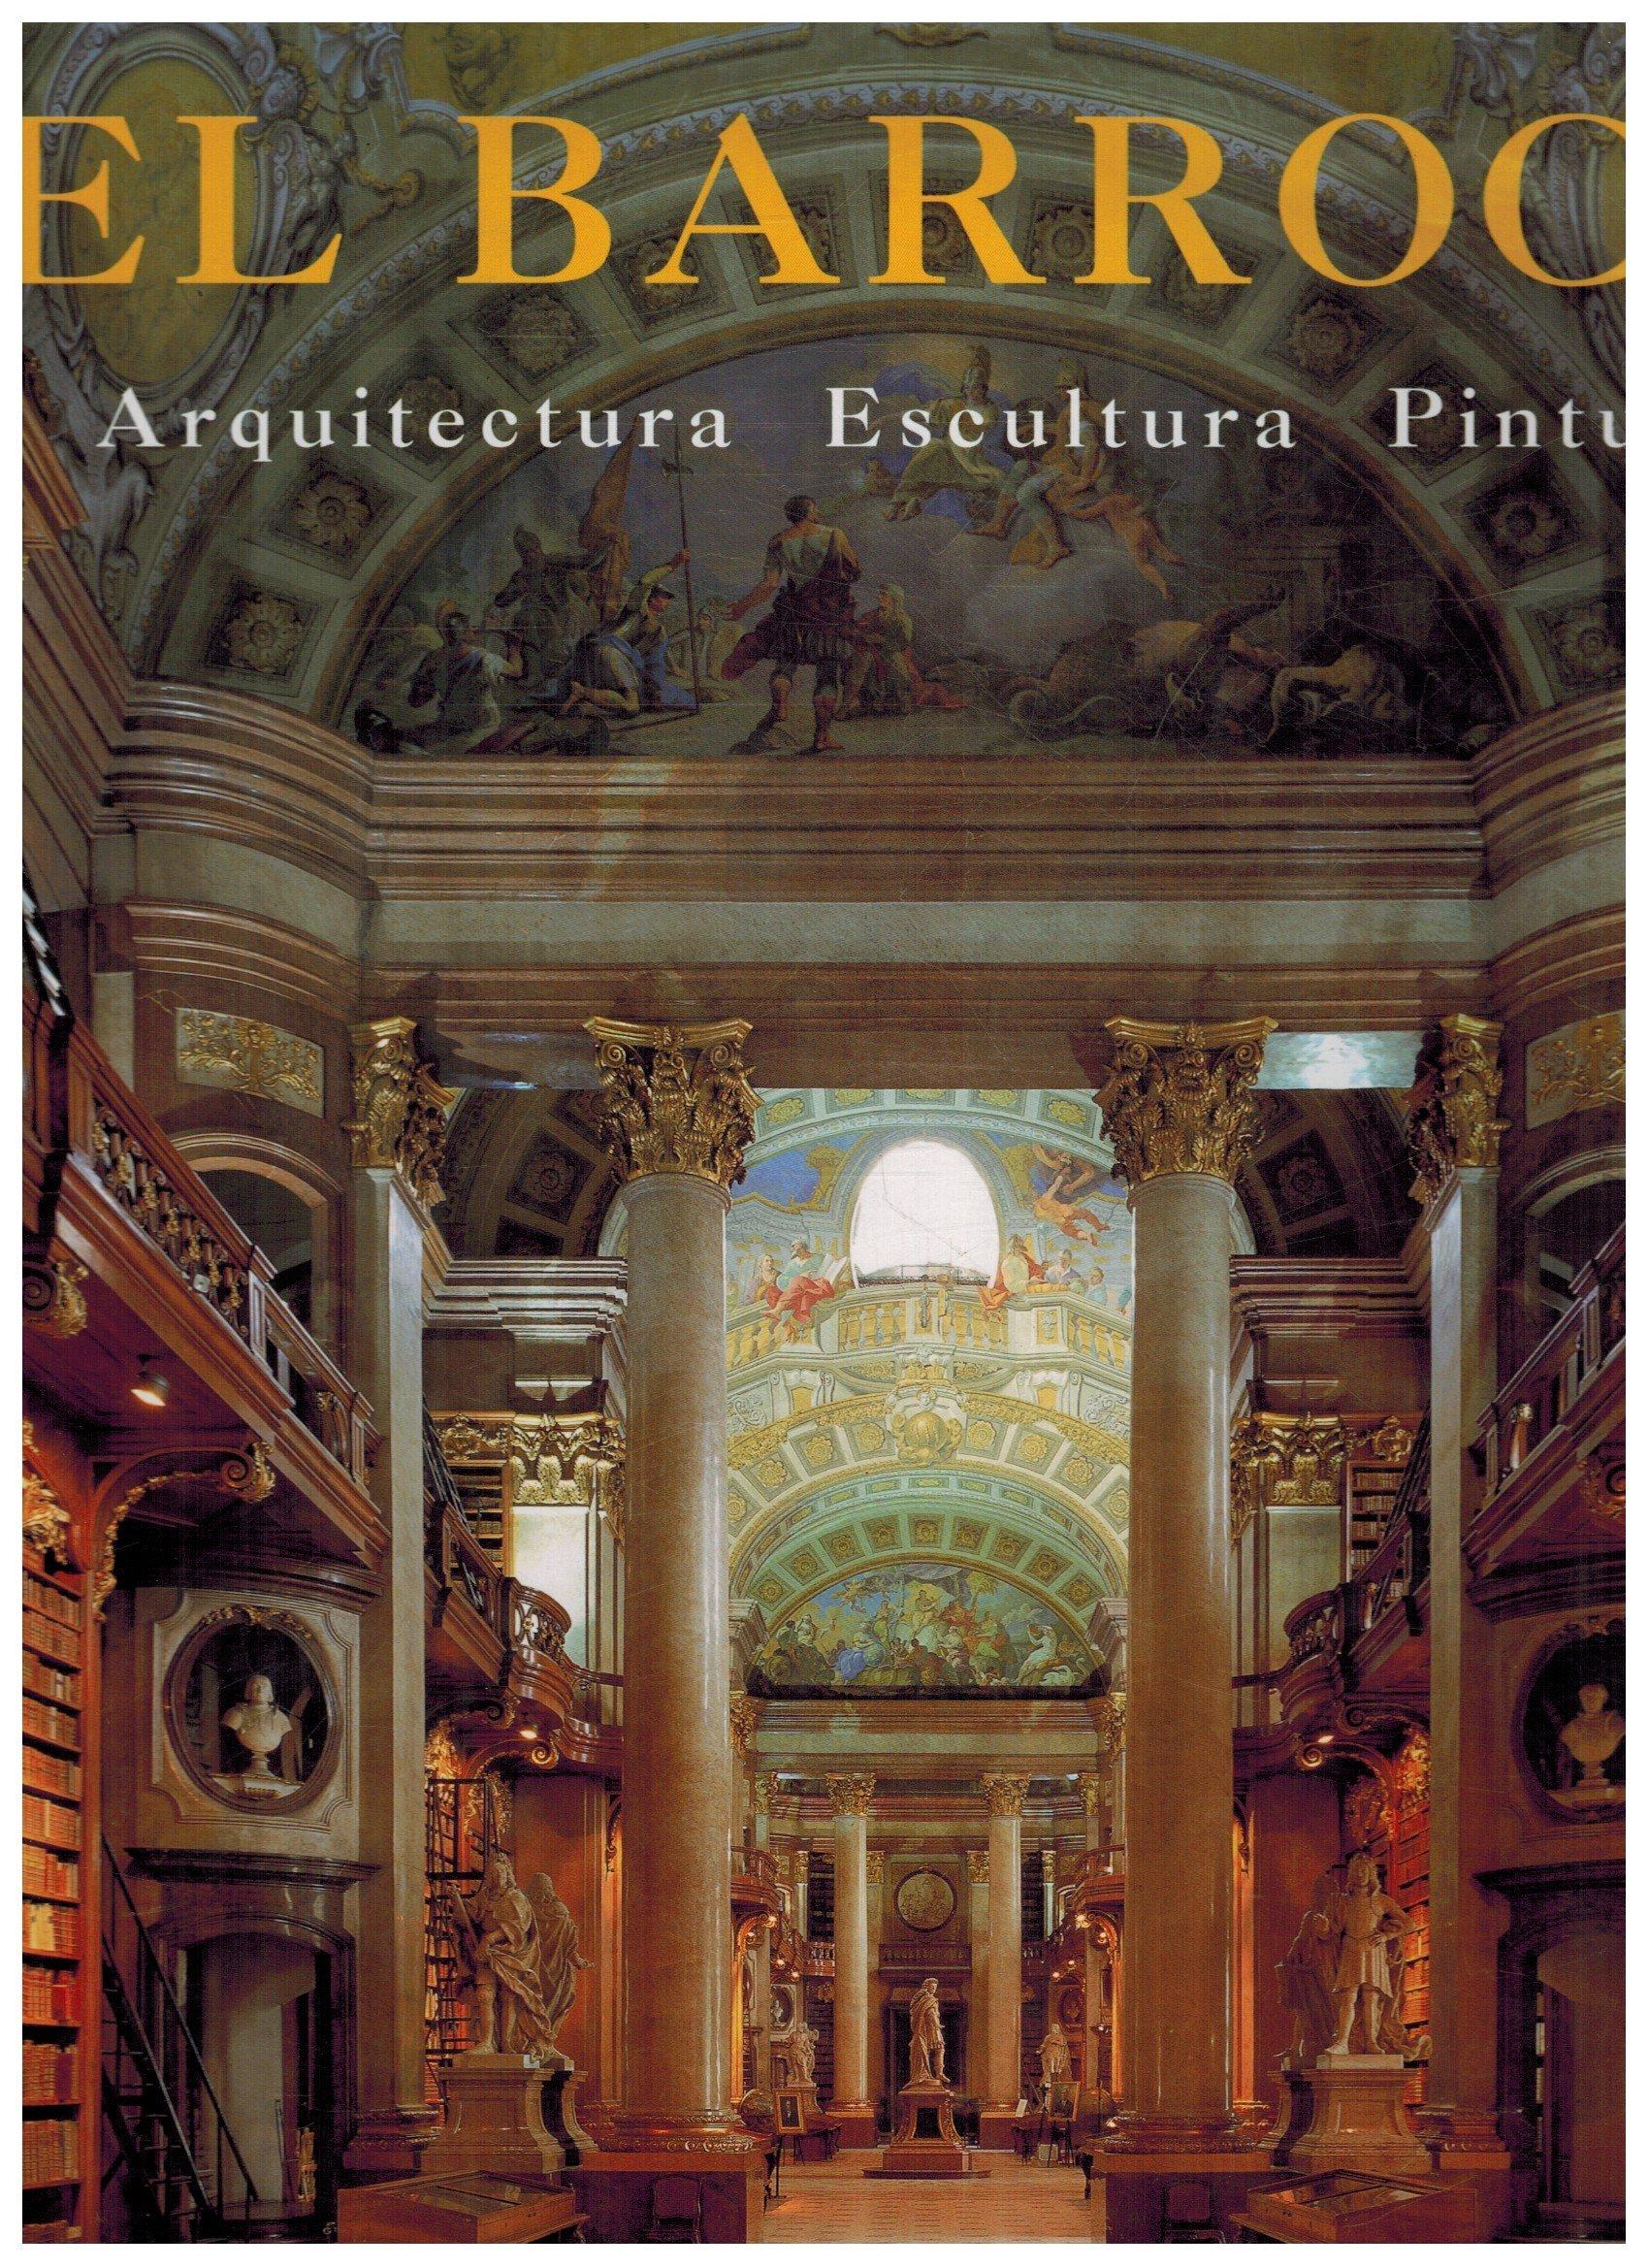 El barroco (arquitectura/escultura/pintura): Amazon.es: Toman, Rolf, Bednorz, Achim: Libros